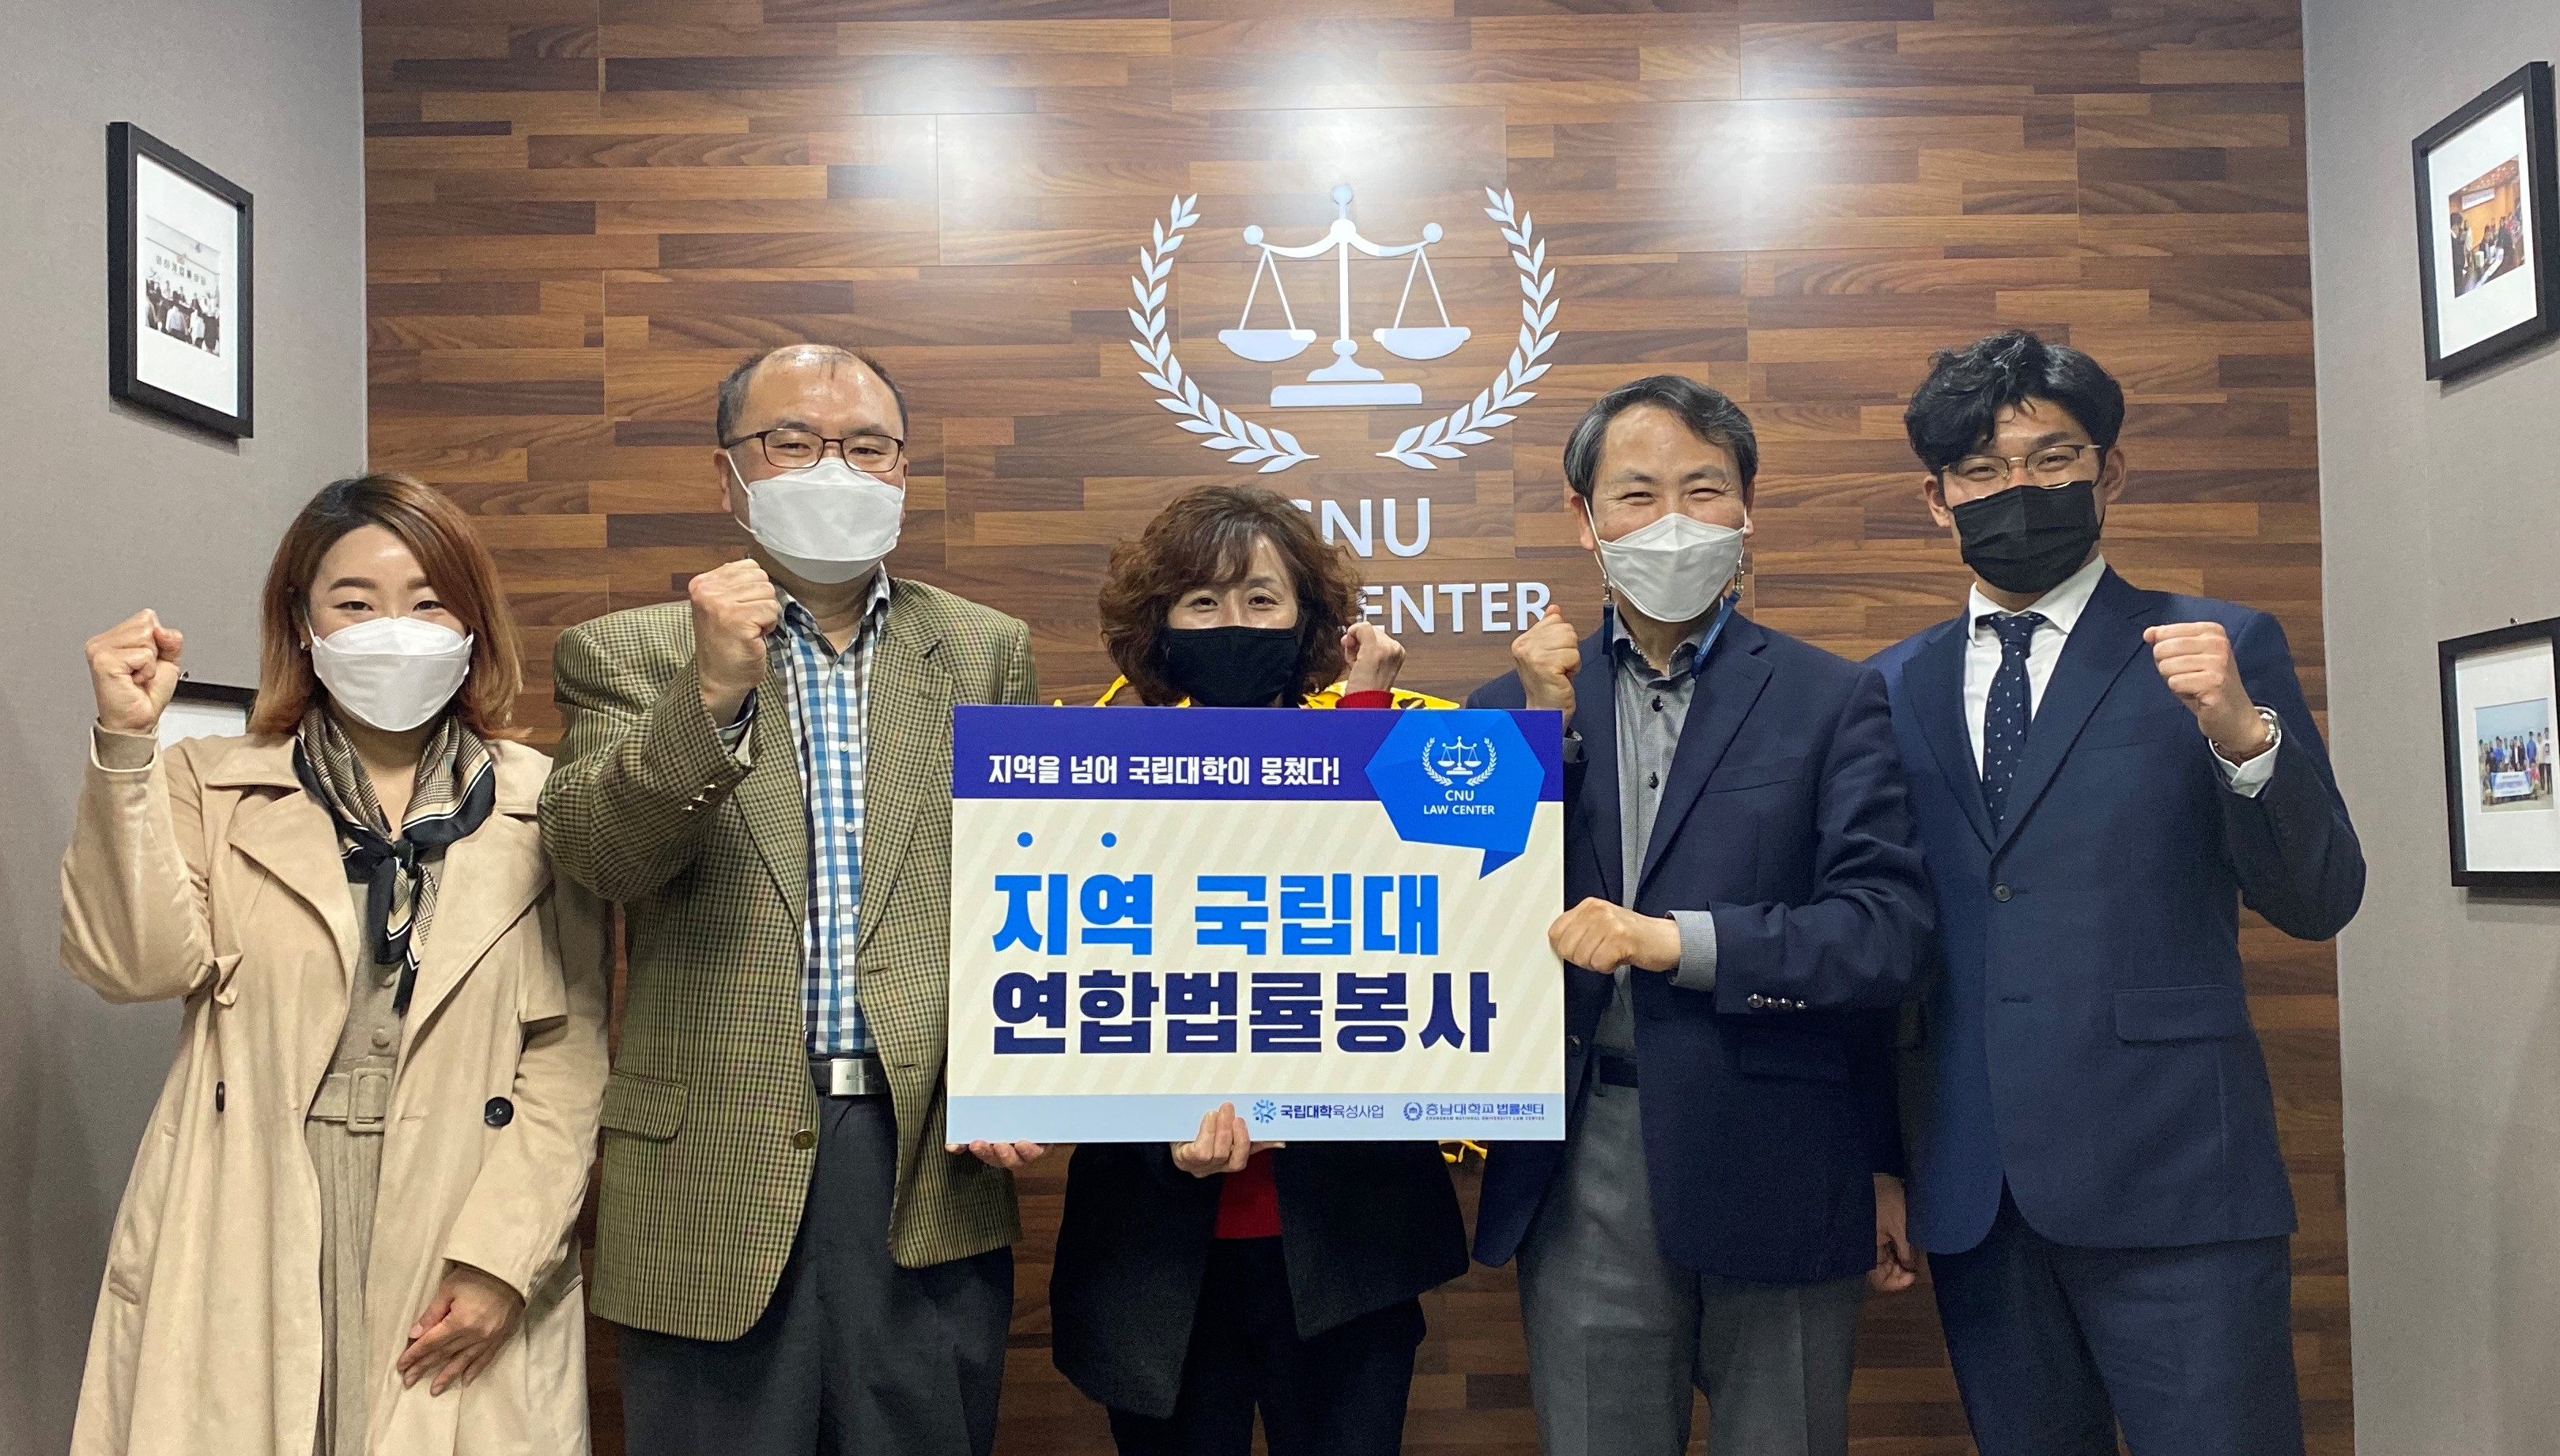 법률센터, 연합법률봉사 발전을 위한 컨퍼런스 개최 사진1